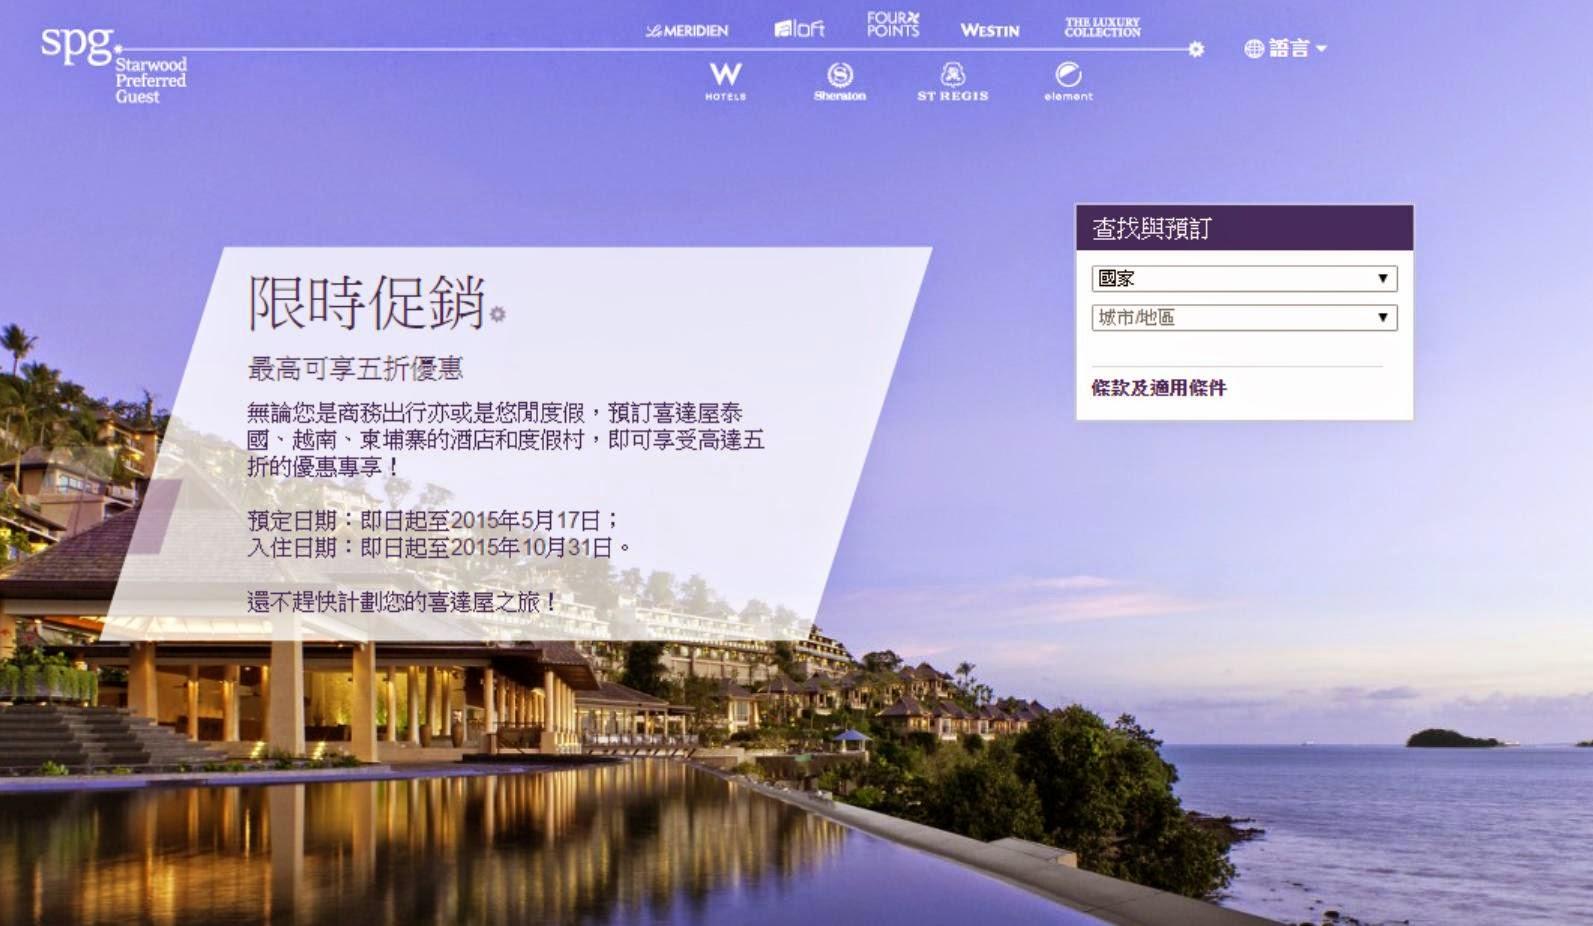 泰國 、 越南 、 柬埔寨 酒店【限時促銷】 喜來登酒店 、艾美酒店 、威斯汀酒店 、 St. Regis 等低至半價。